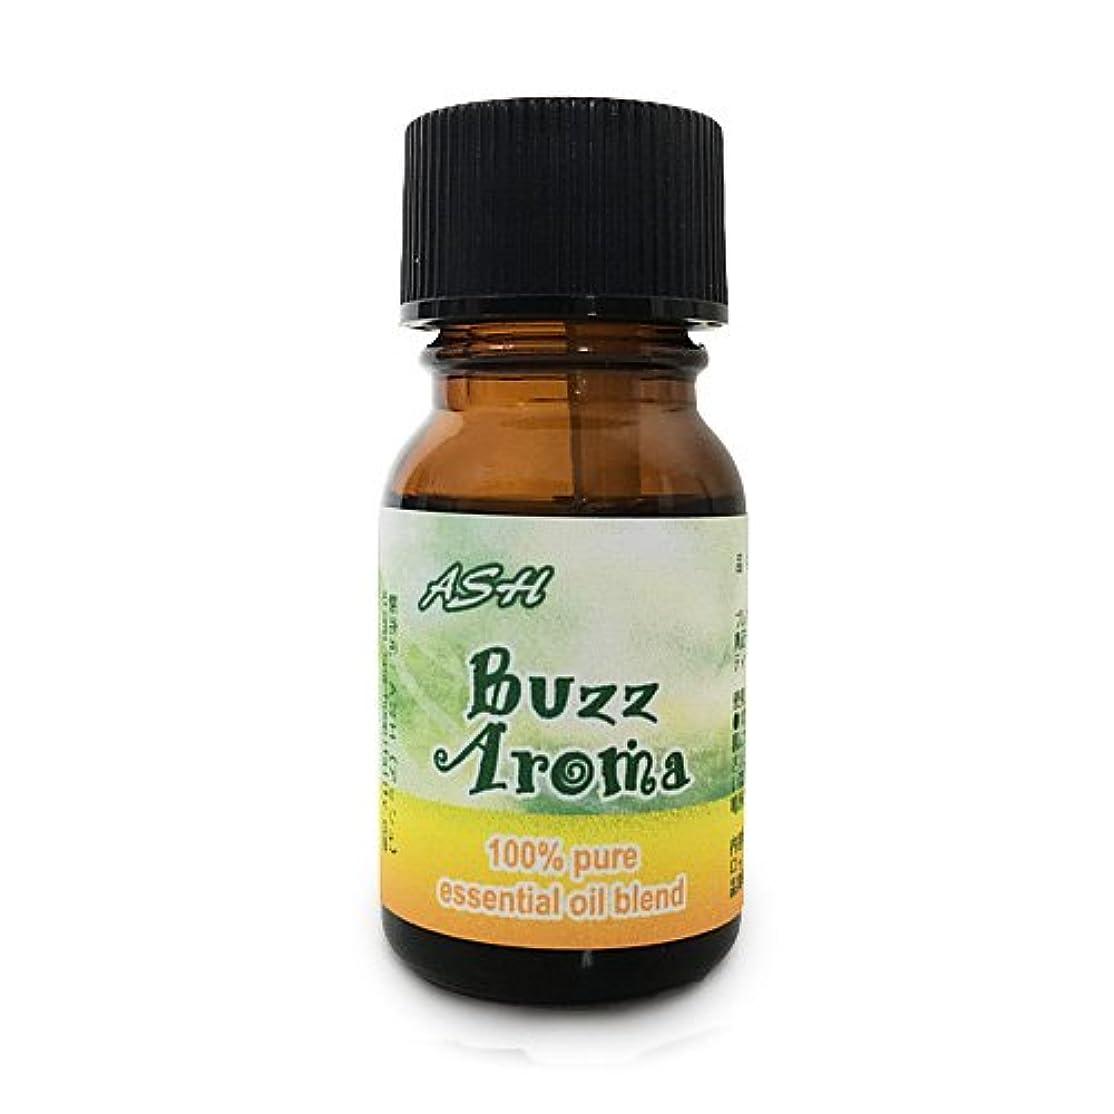 タヒチカプラー声を出してASH Buzz Aroma(アンチモスキート) エッセンシャルオイルブレンド 10ml 虫除け対策 (真正ラベンダー レモングラス ティートゥリー ユーカリ)